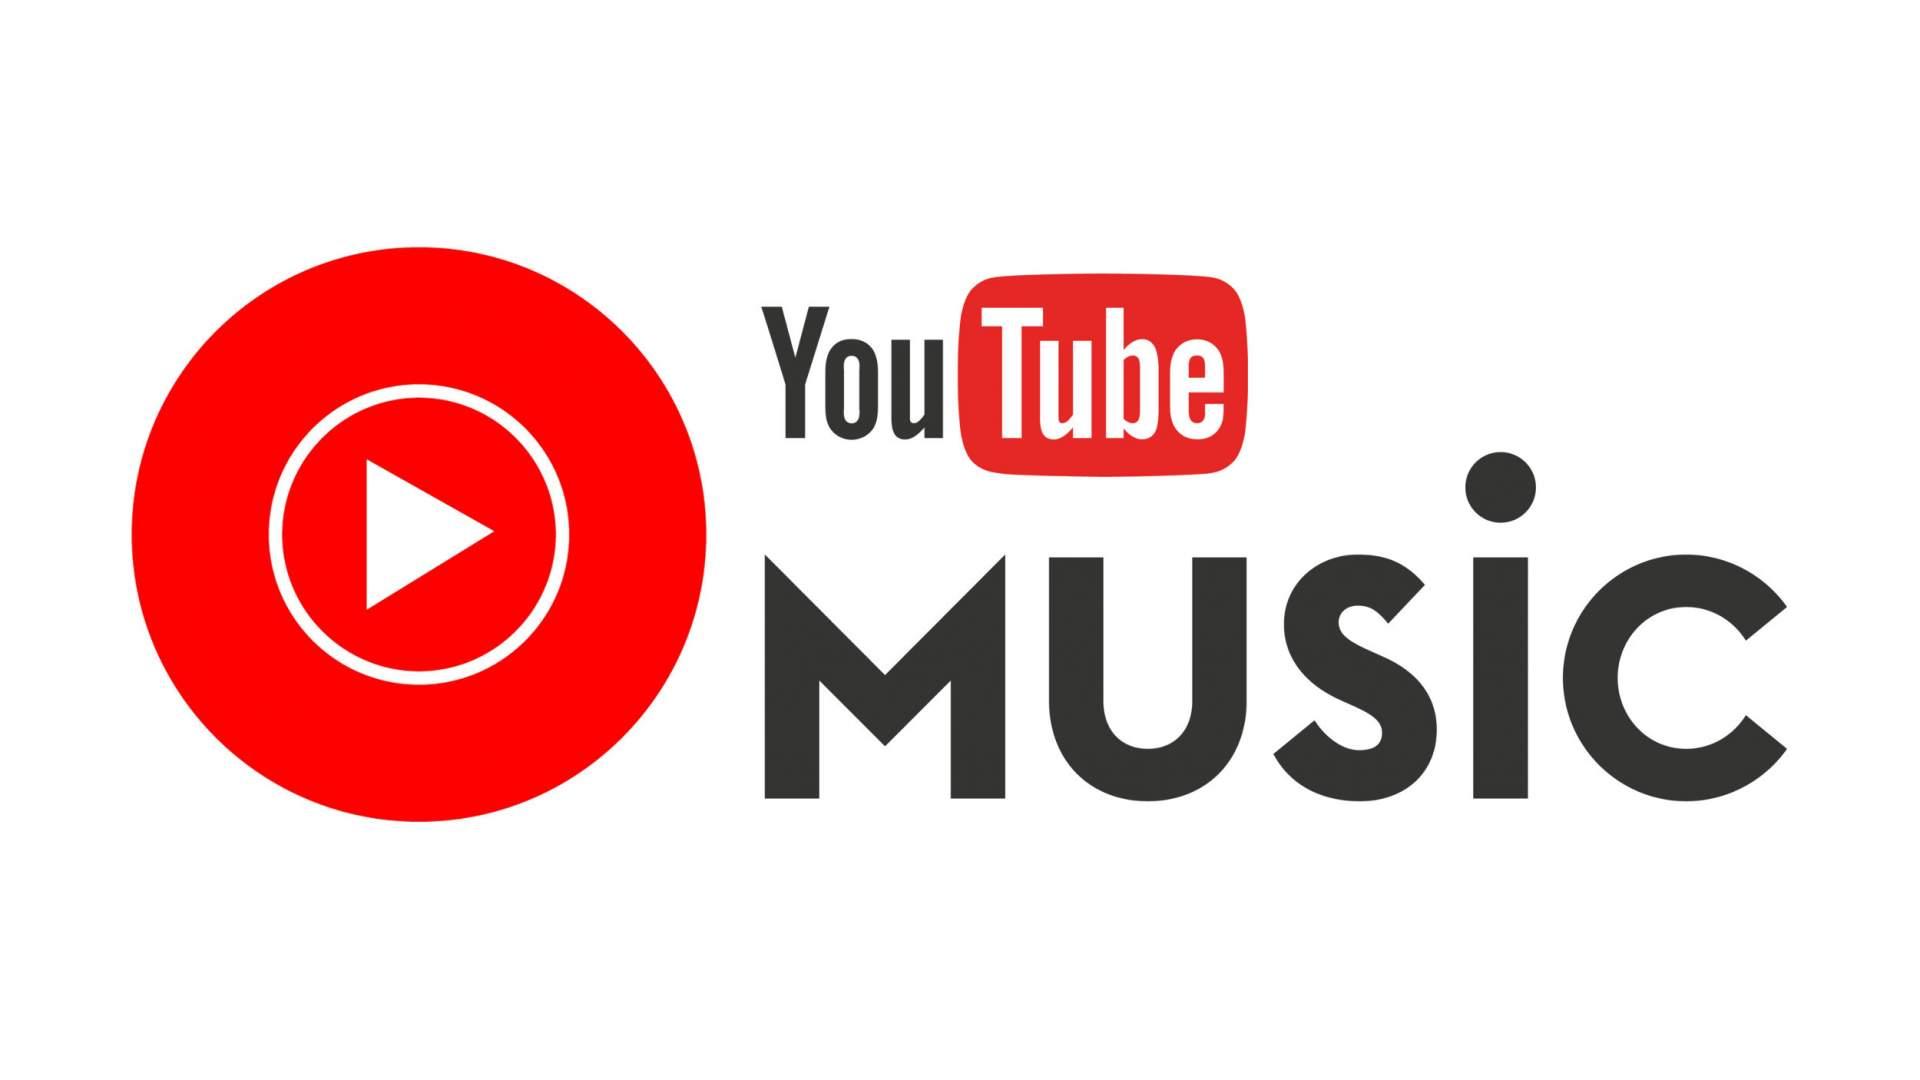 Украинцы предпочли российскую музыку вYouTube в нынешнем 2020